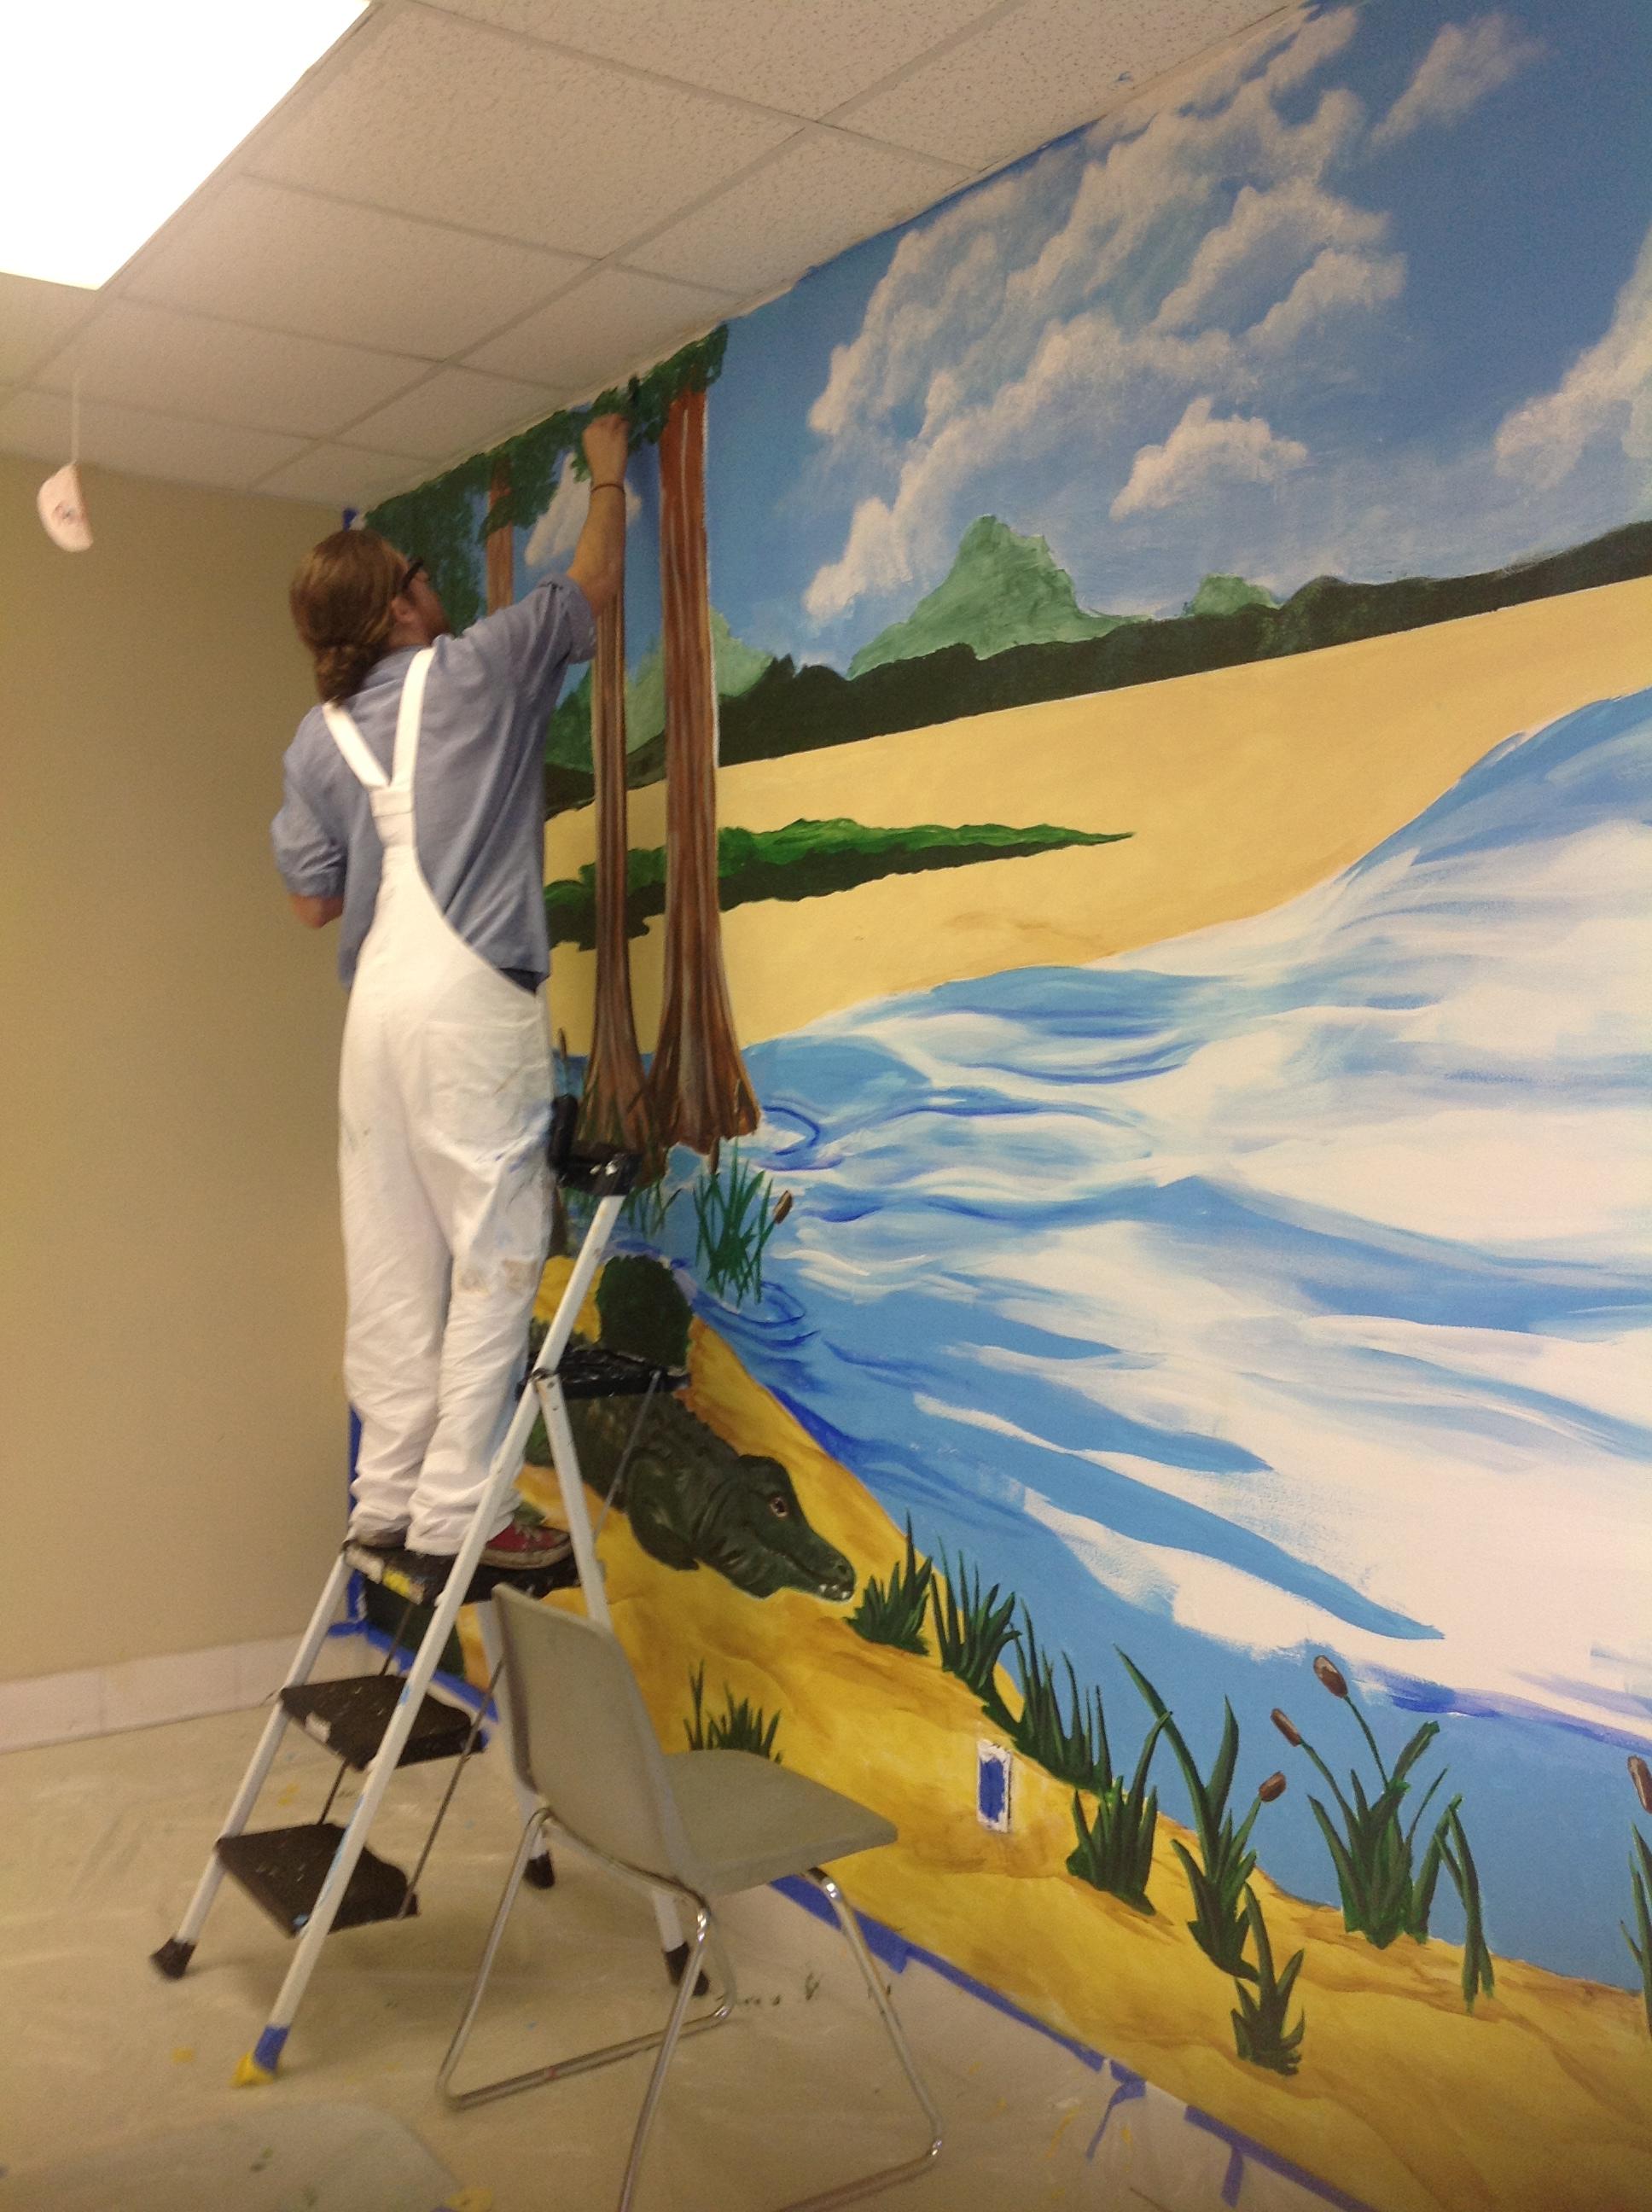 YMCA Classroom Mural-In Progress